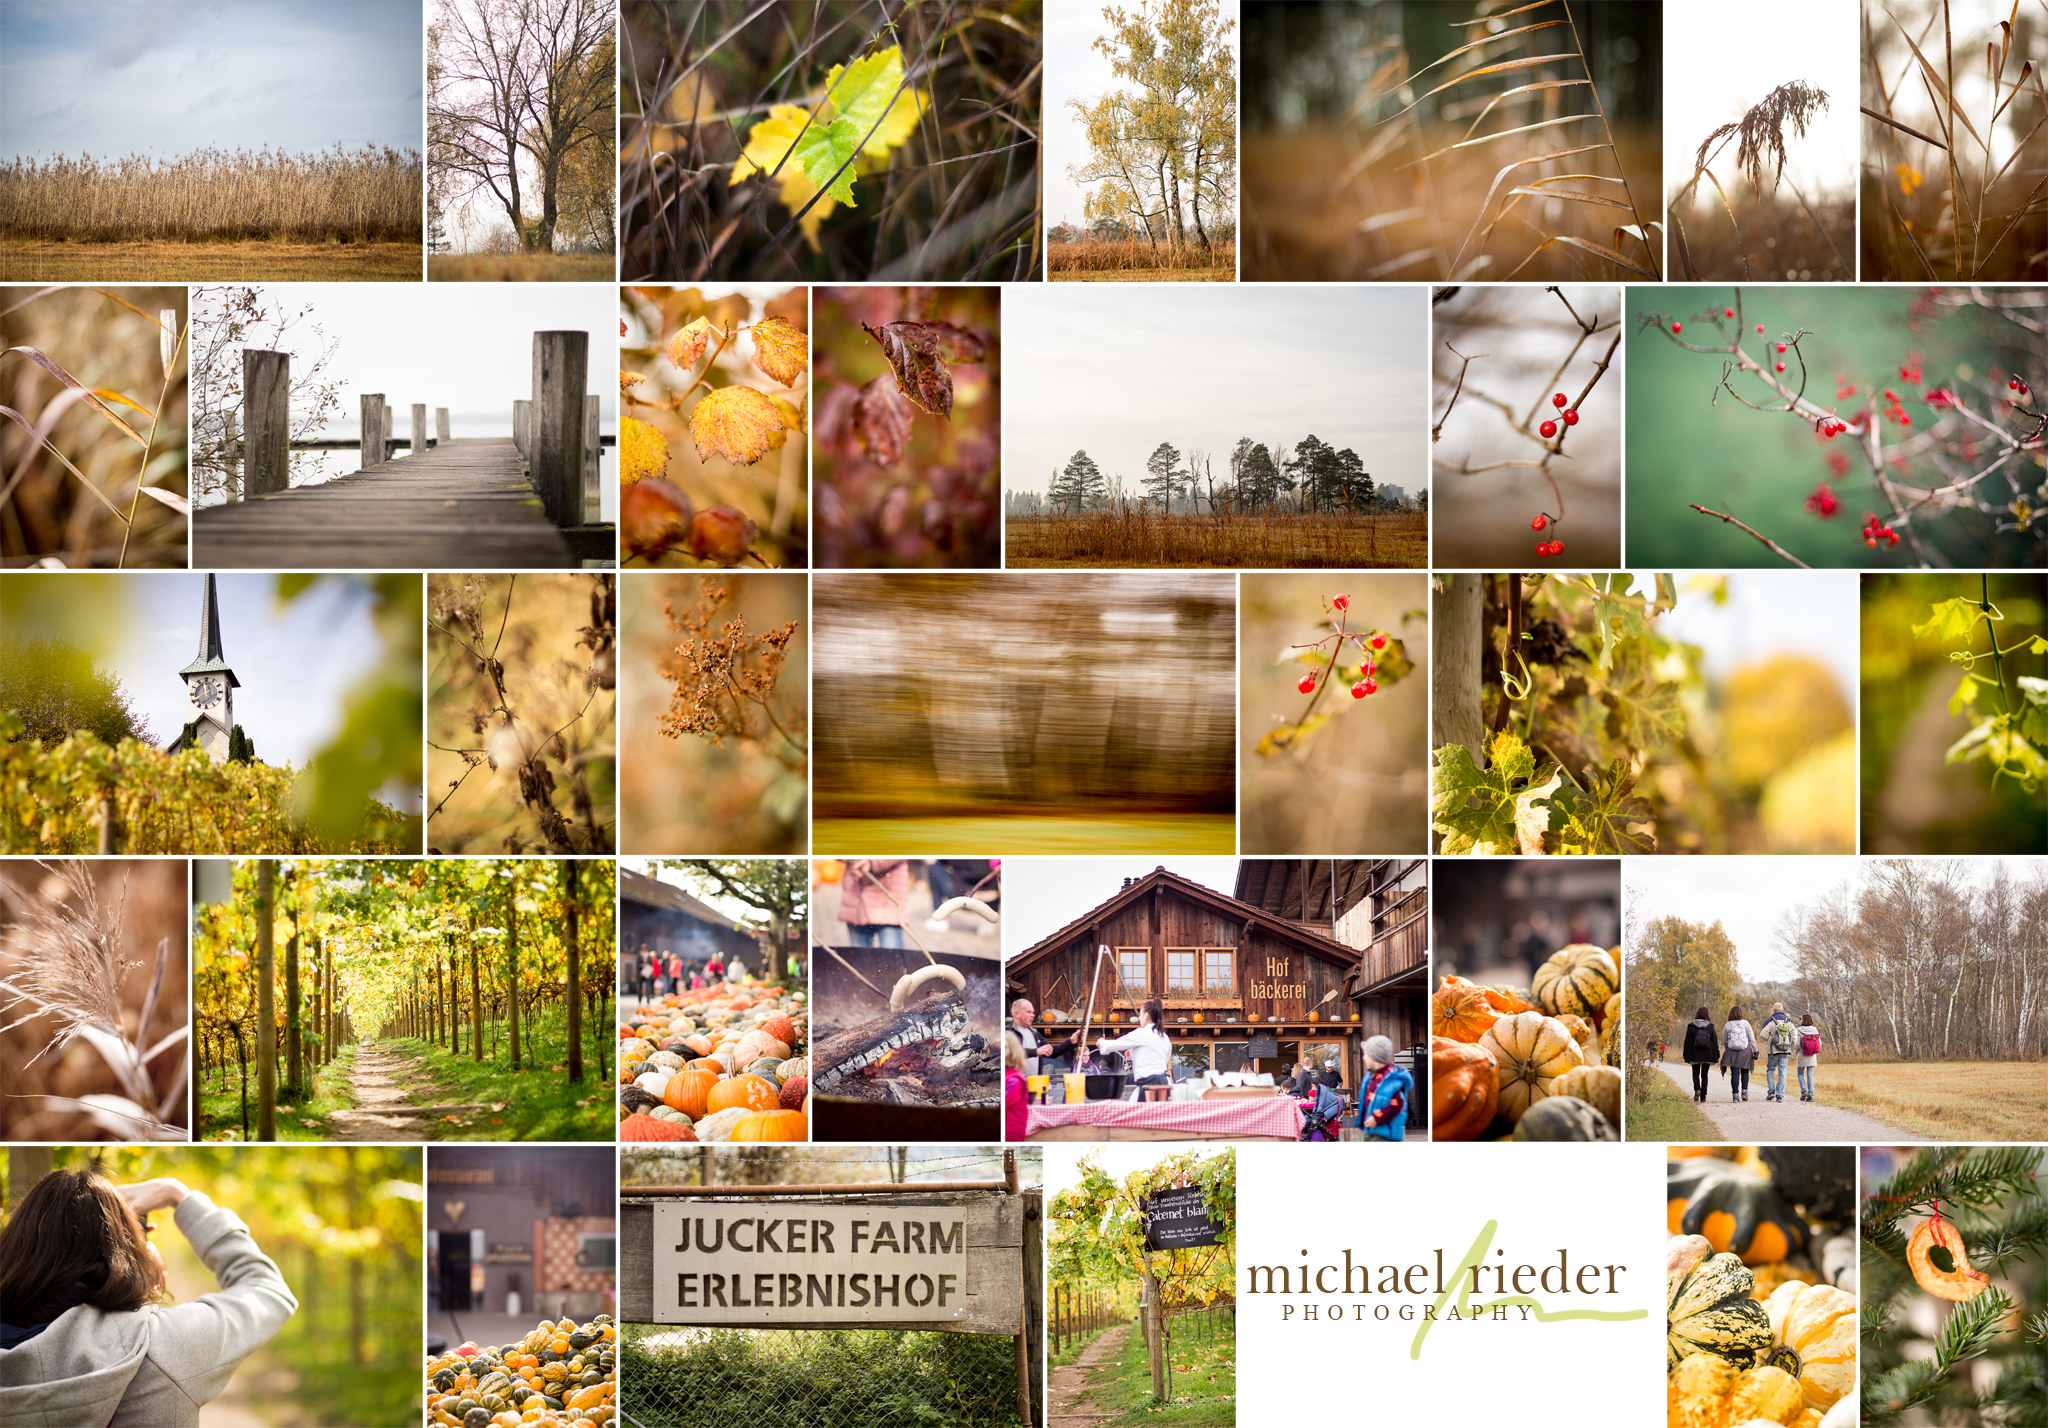 Collage mit Bildresultaten des Photo-Walks vom 28. Okt. 2017